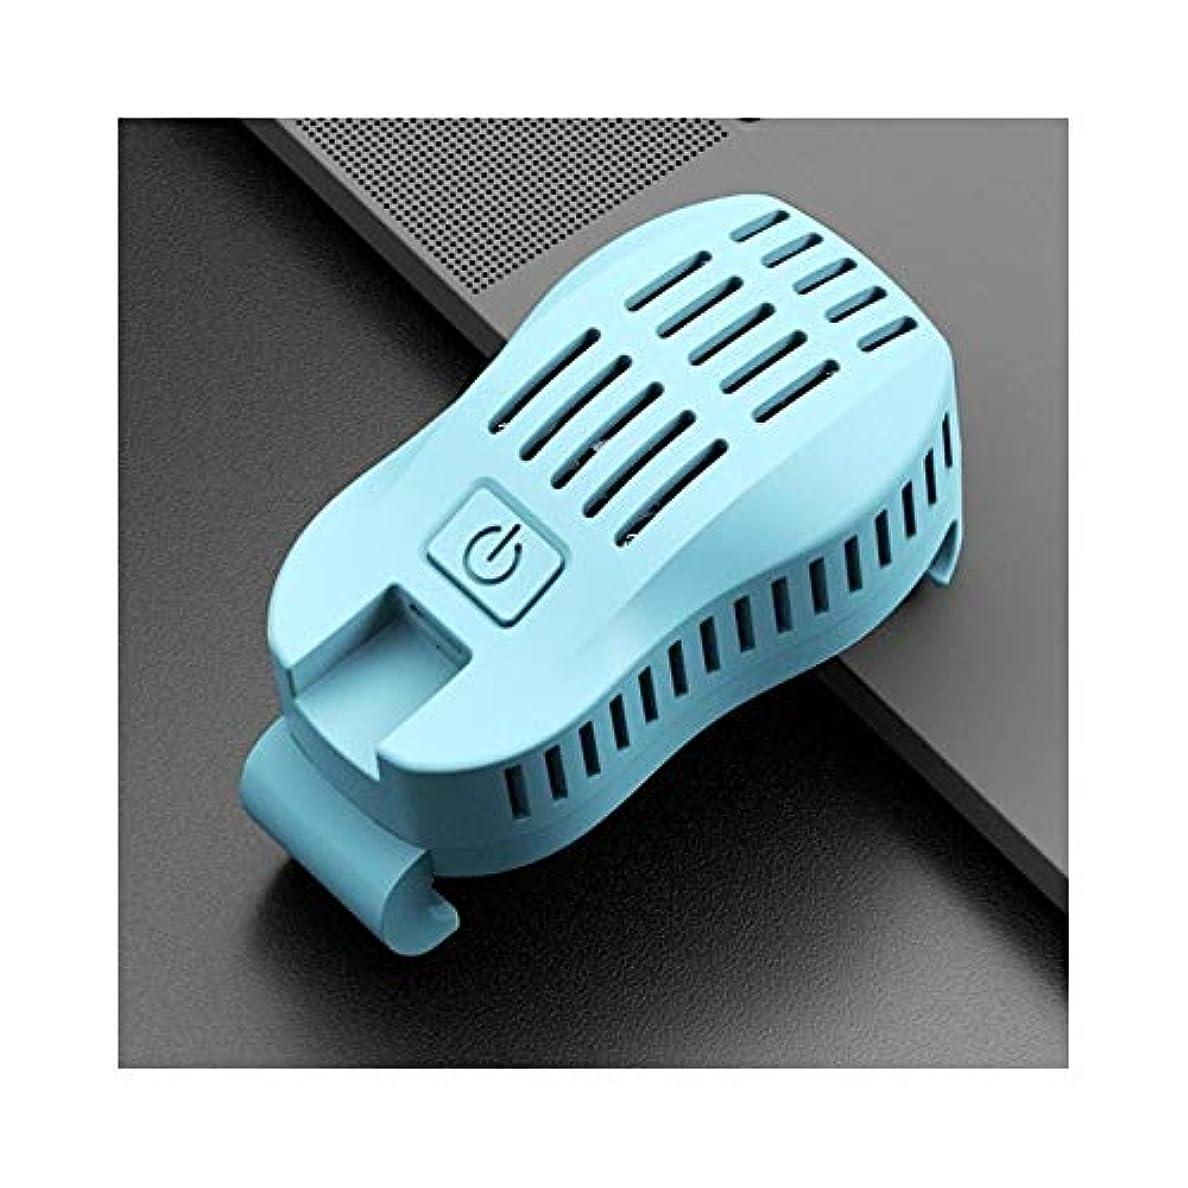 フォーラムプレフィックス君主XRQ 100%ブランドと新しいP20携帯電話ラジエーター電話冷却ファンケース冷風ハンドルファンPUBG電話クーラー電話冷却ファン